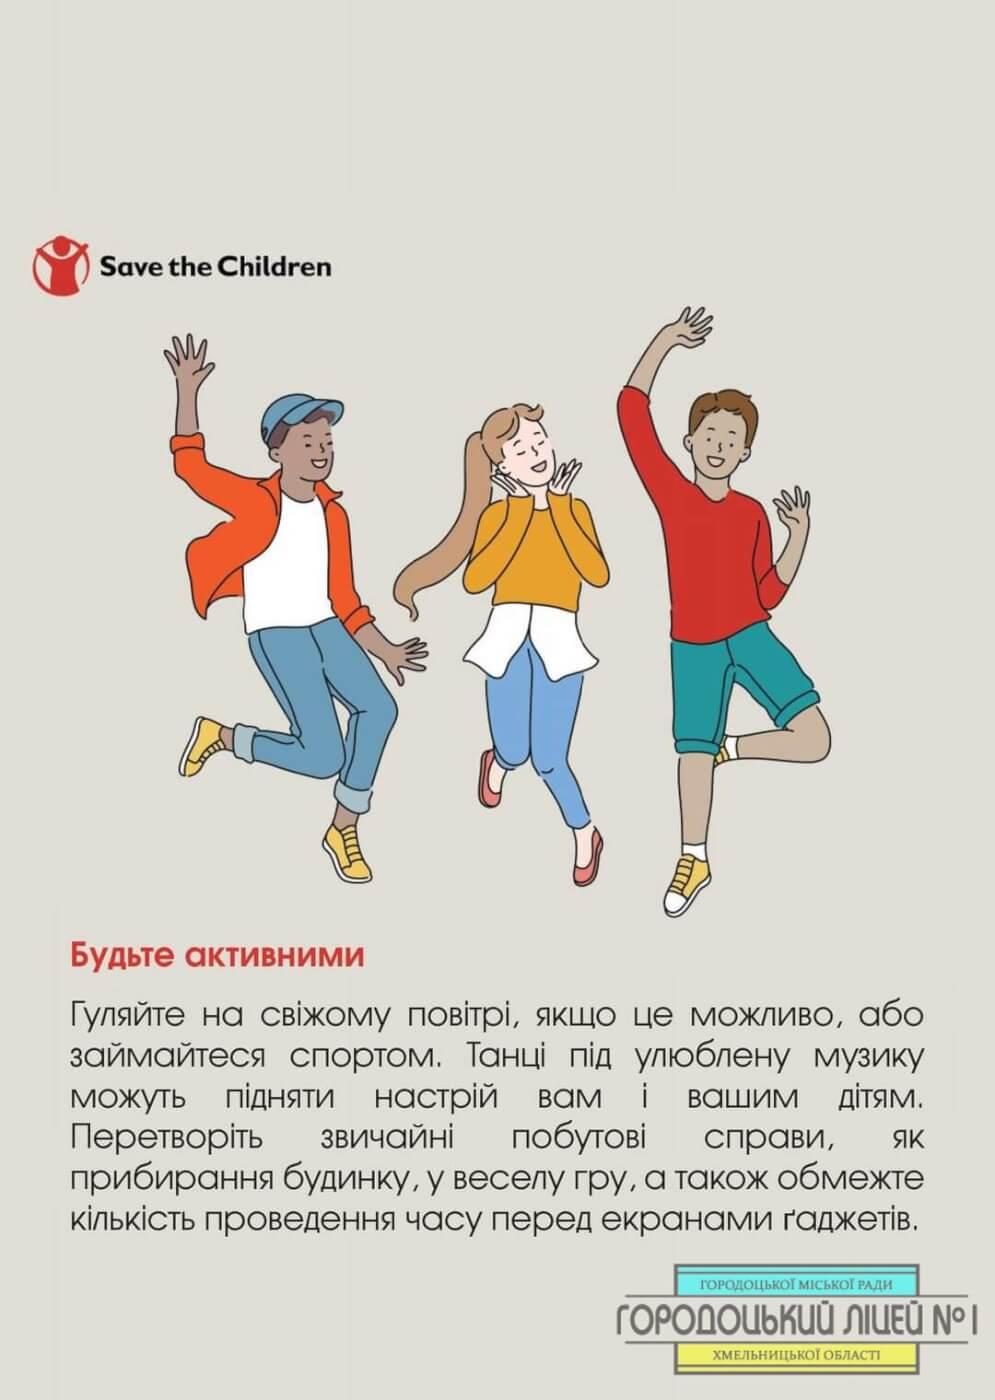 zobrazhennya viber 2021 03 29 11 22 021 - Діти на карантині. Поради для батьків